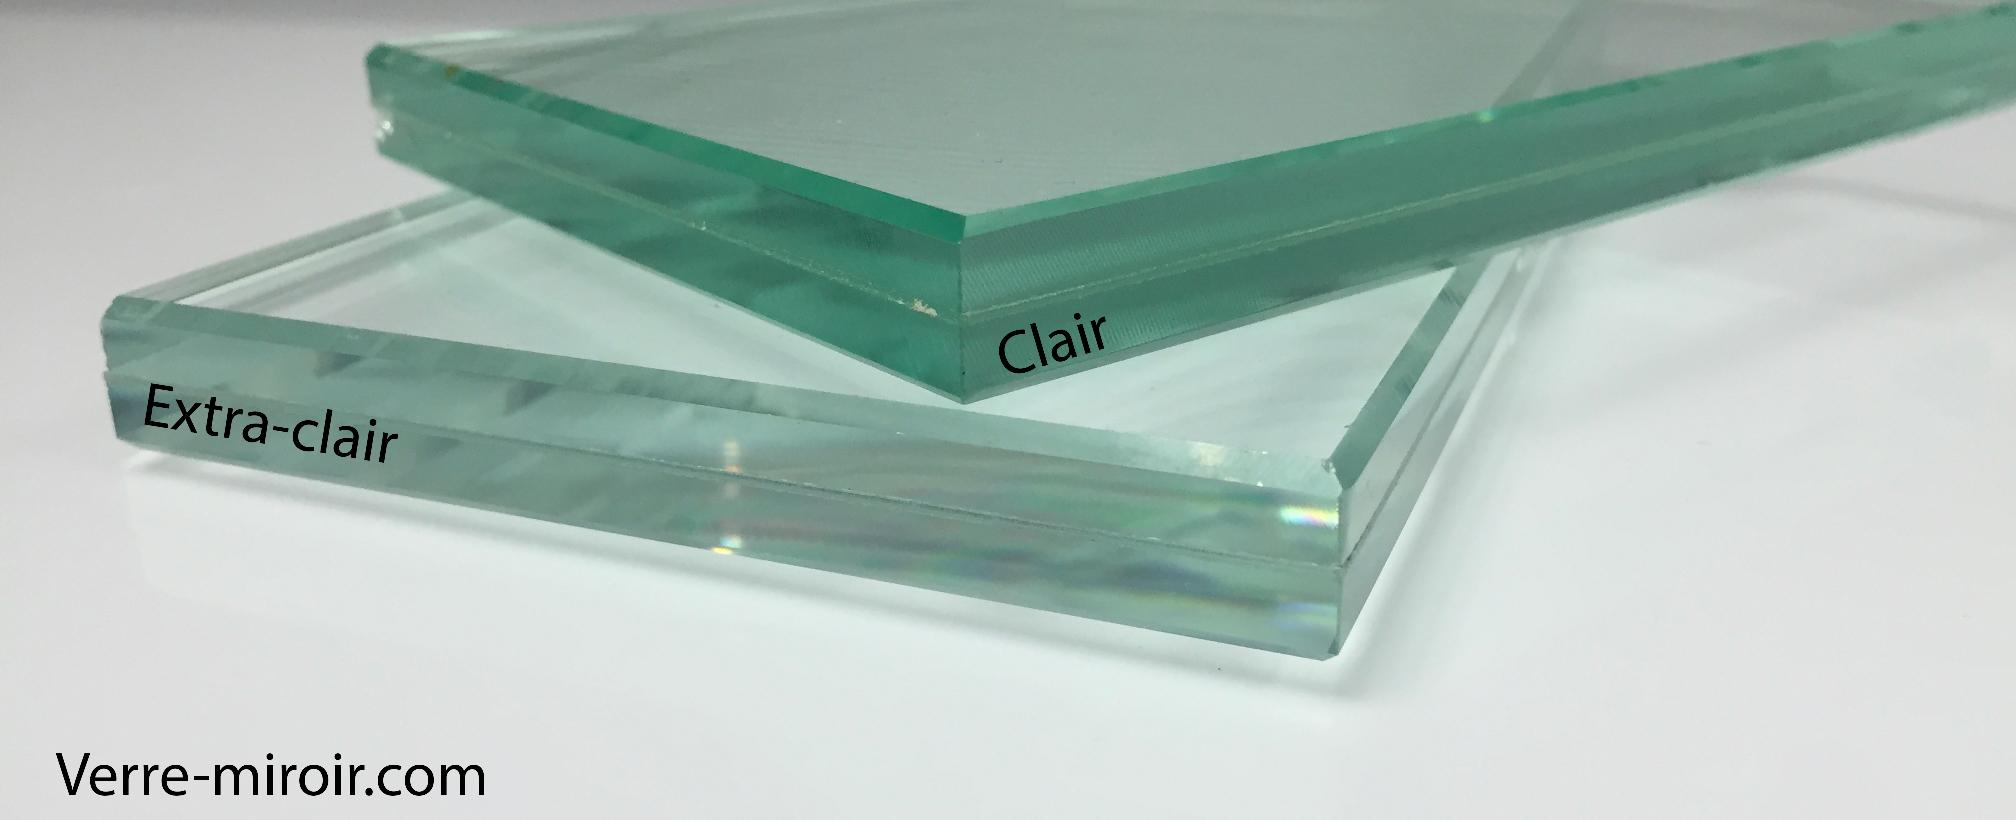 Verre feuillete clair vs extra-clair